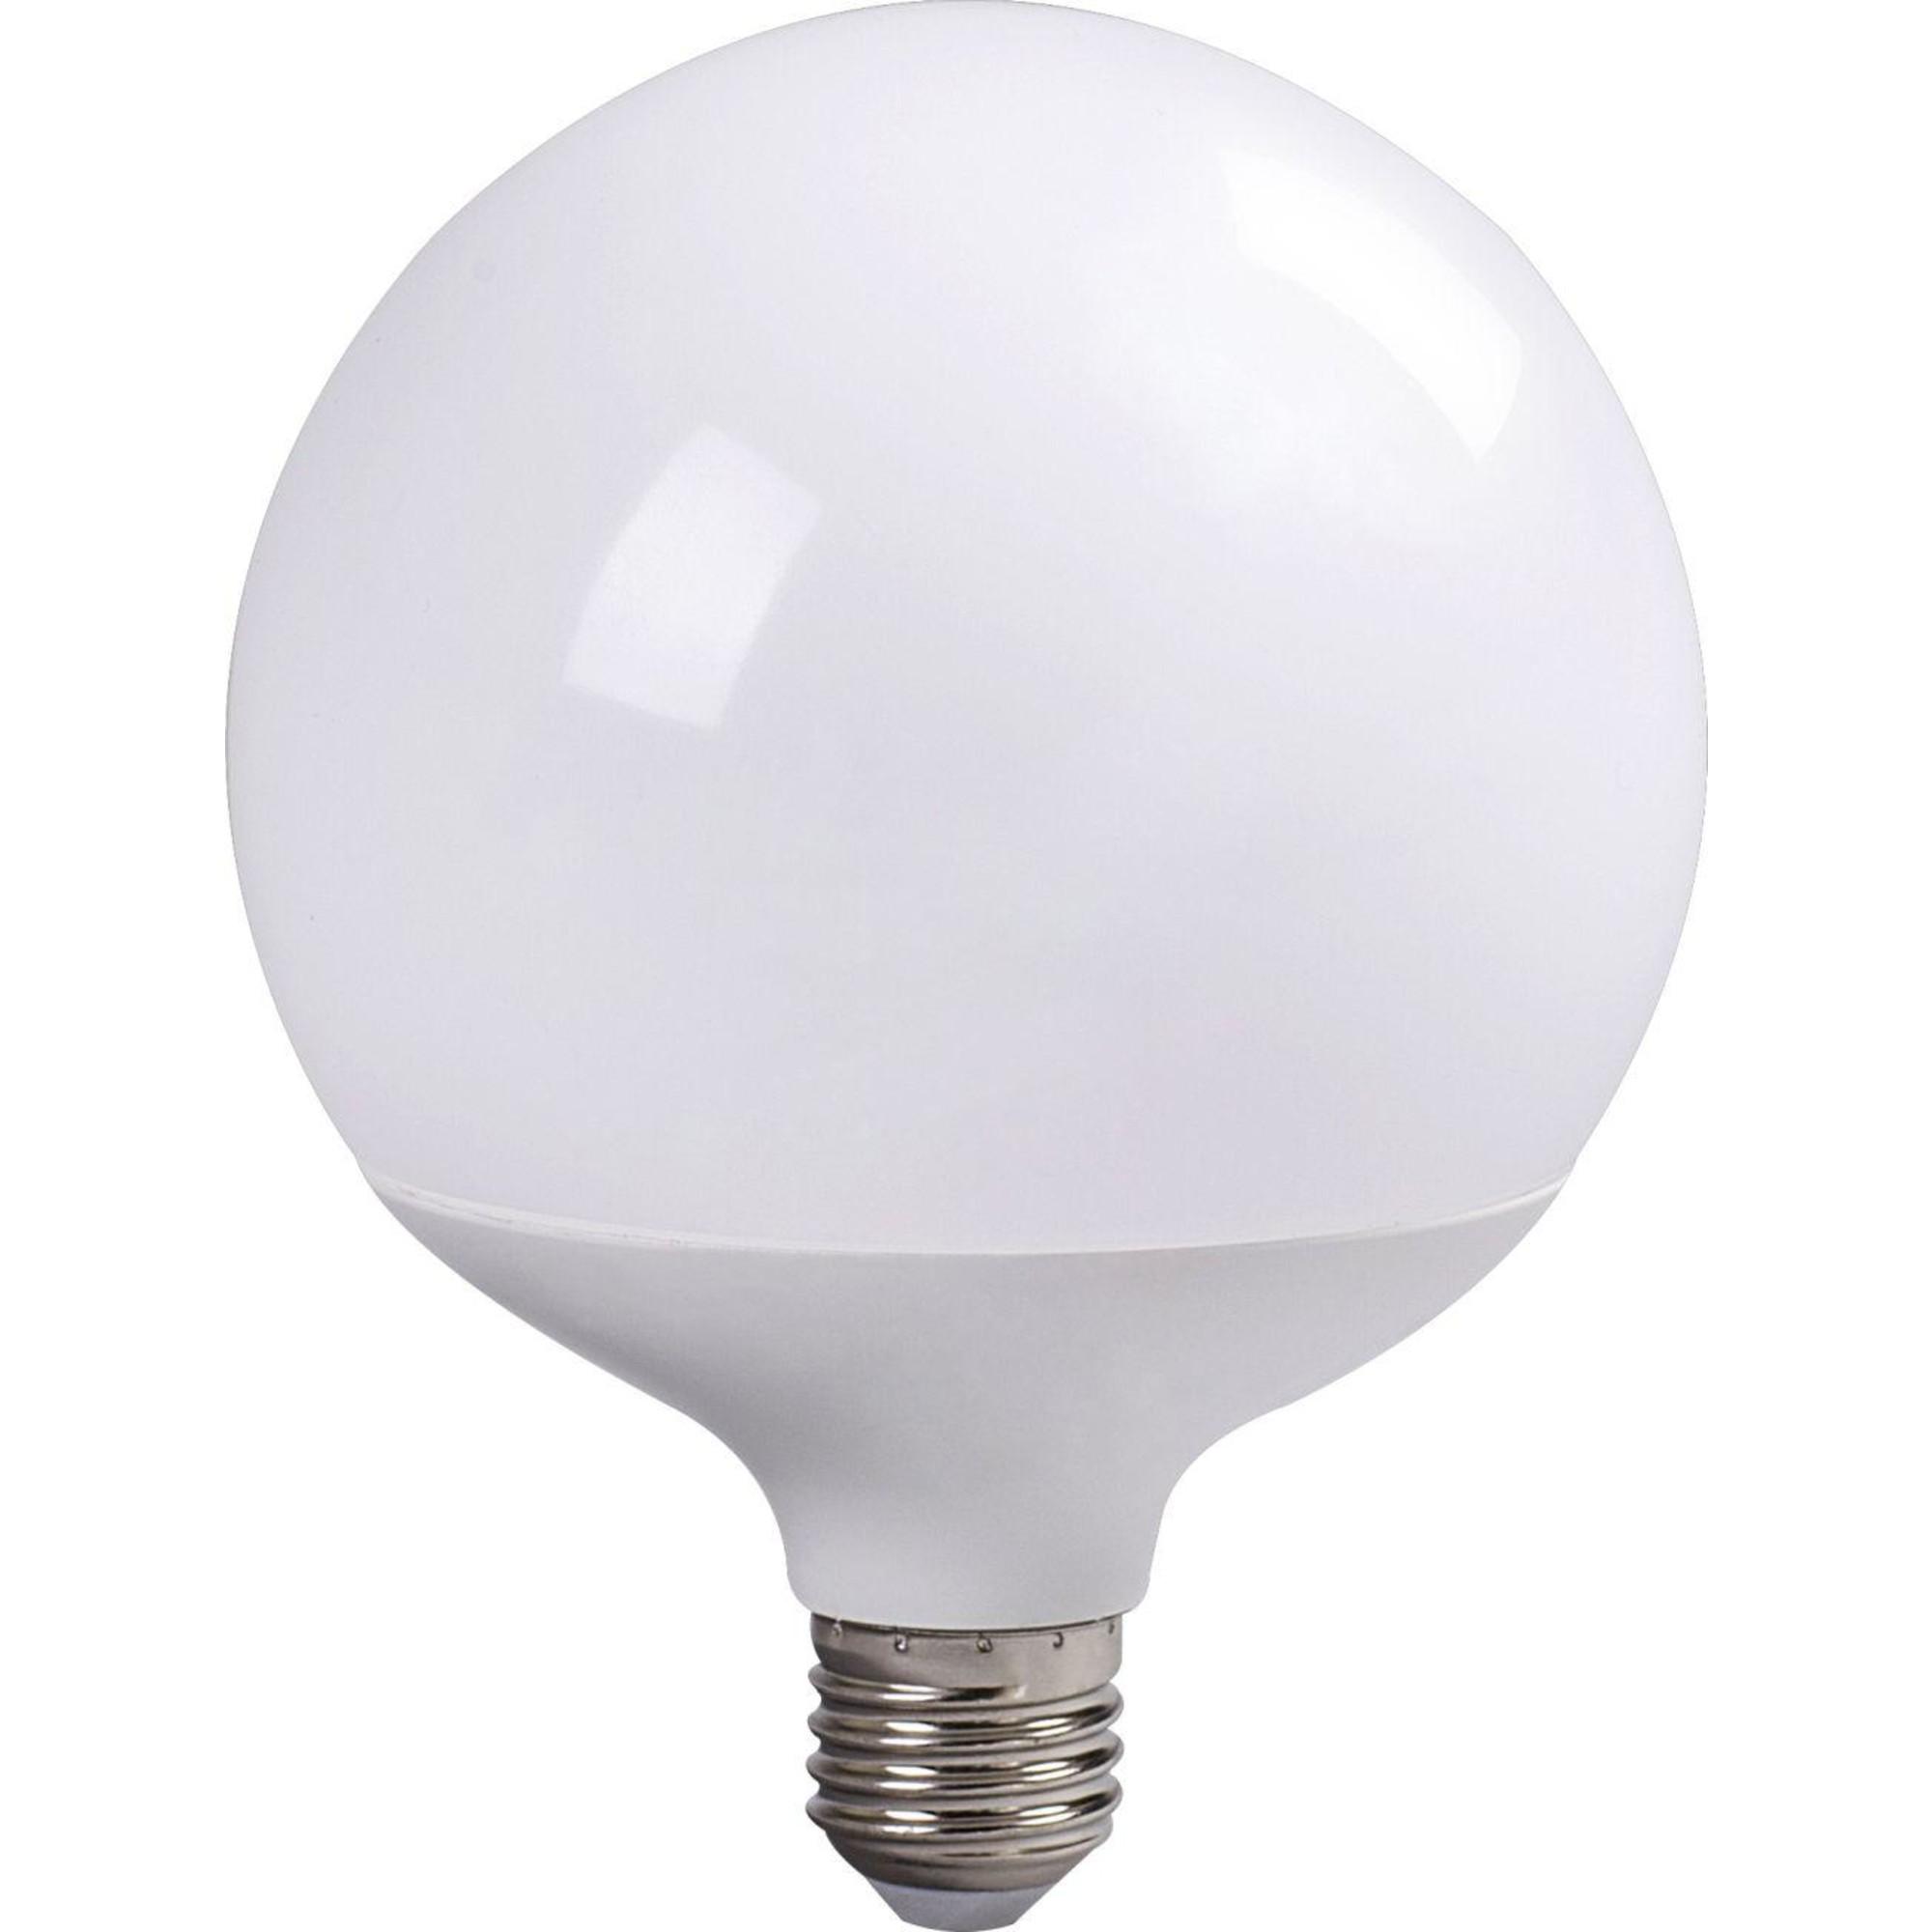 Лампа Ecola Premium светодионая E27 30 Вт шар 2700 Лм нейтральный свет